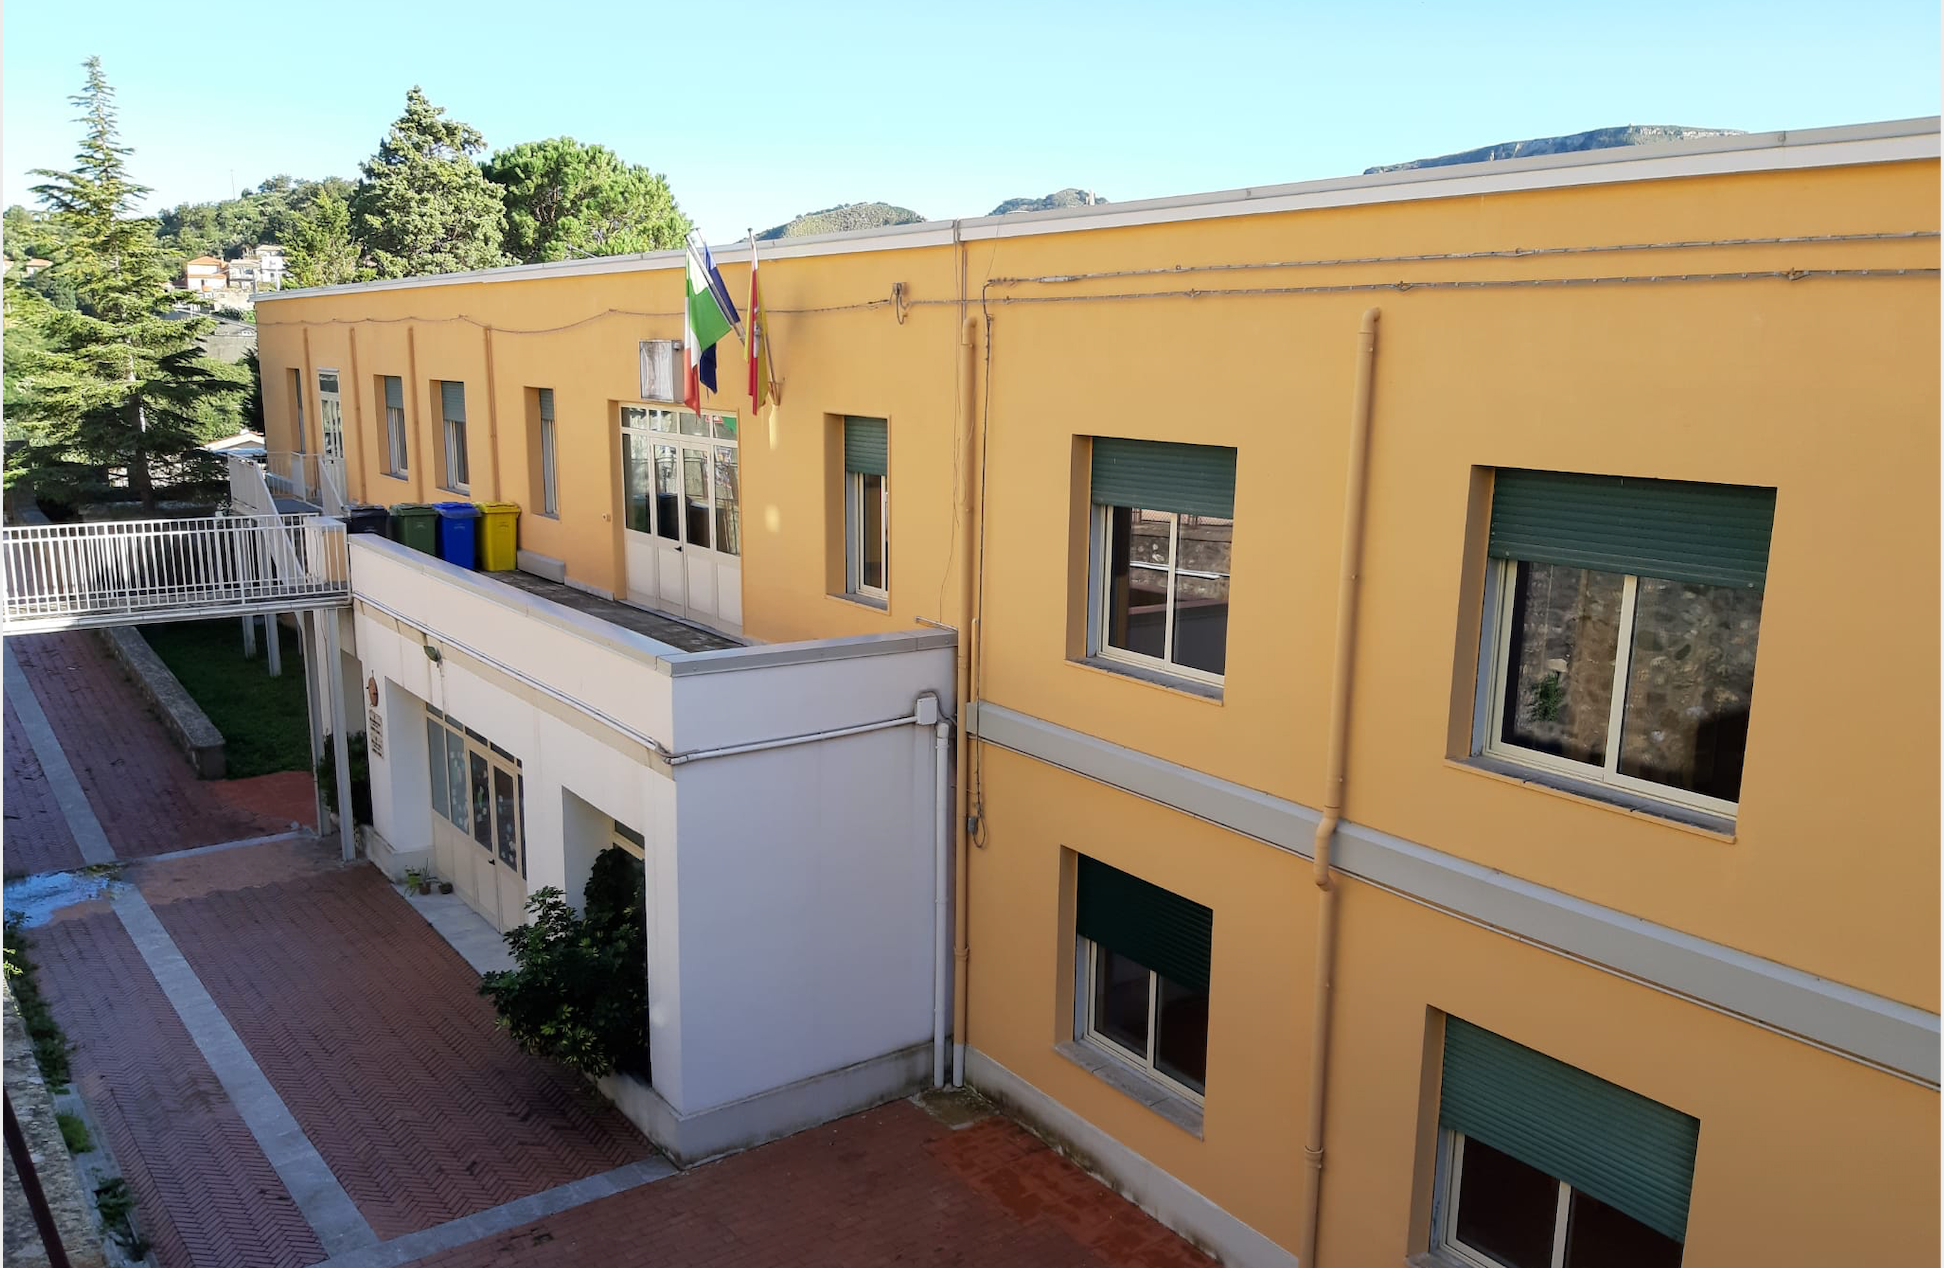 Attivazione Didattica a Distanza l'8 e il 9 Aprile 2021 per ordinanza sindacale di chiusura plessi di Monforte San Giorgio e Marina